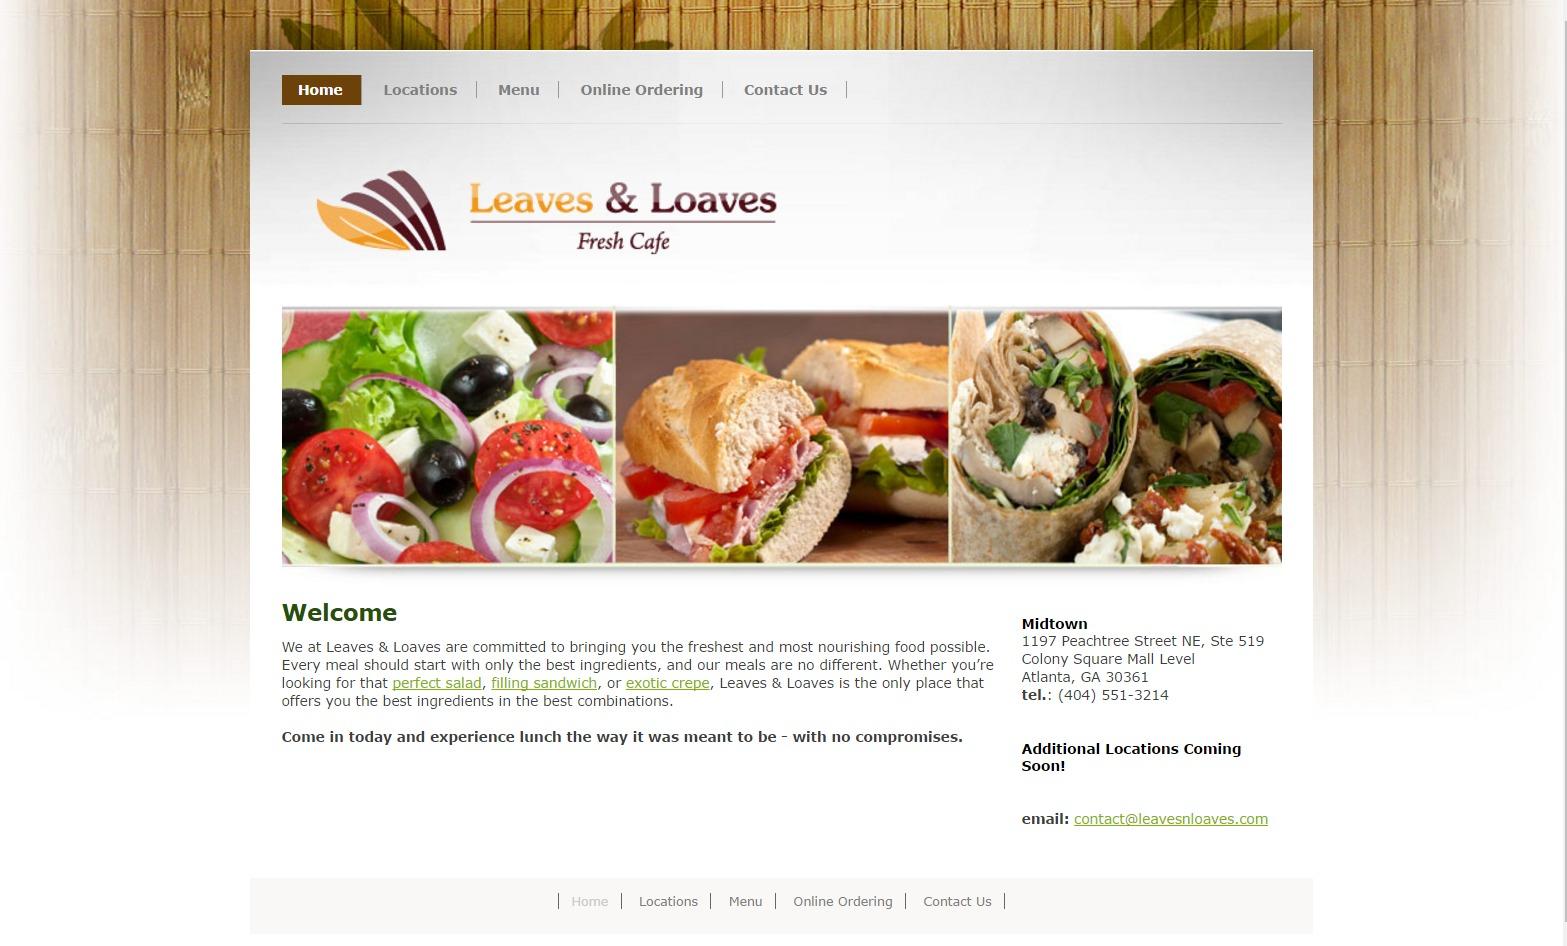 Leaves & Loaves (Atlanta, GA) Web Design Project